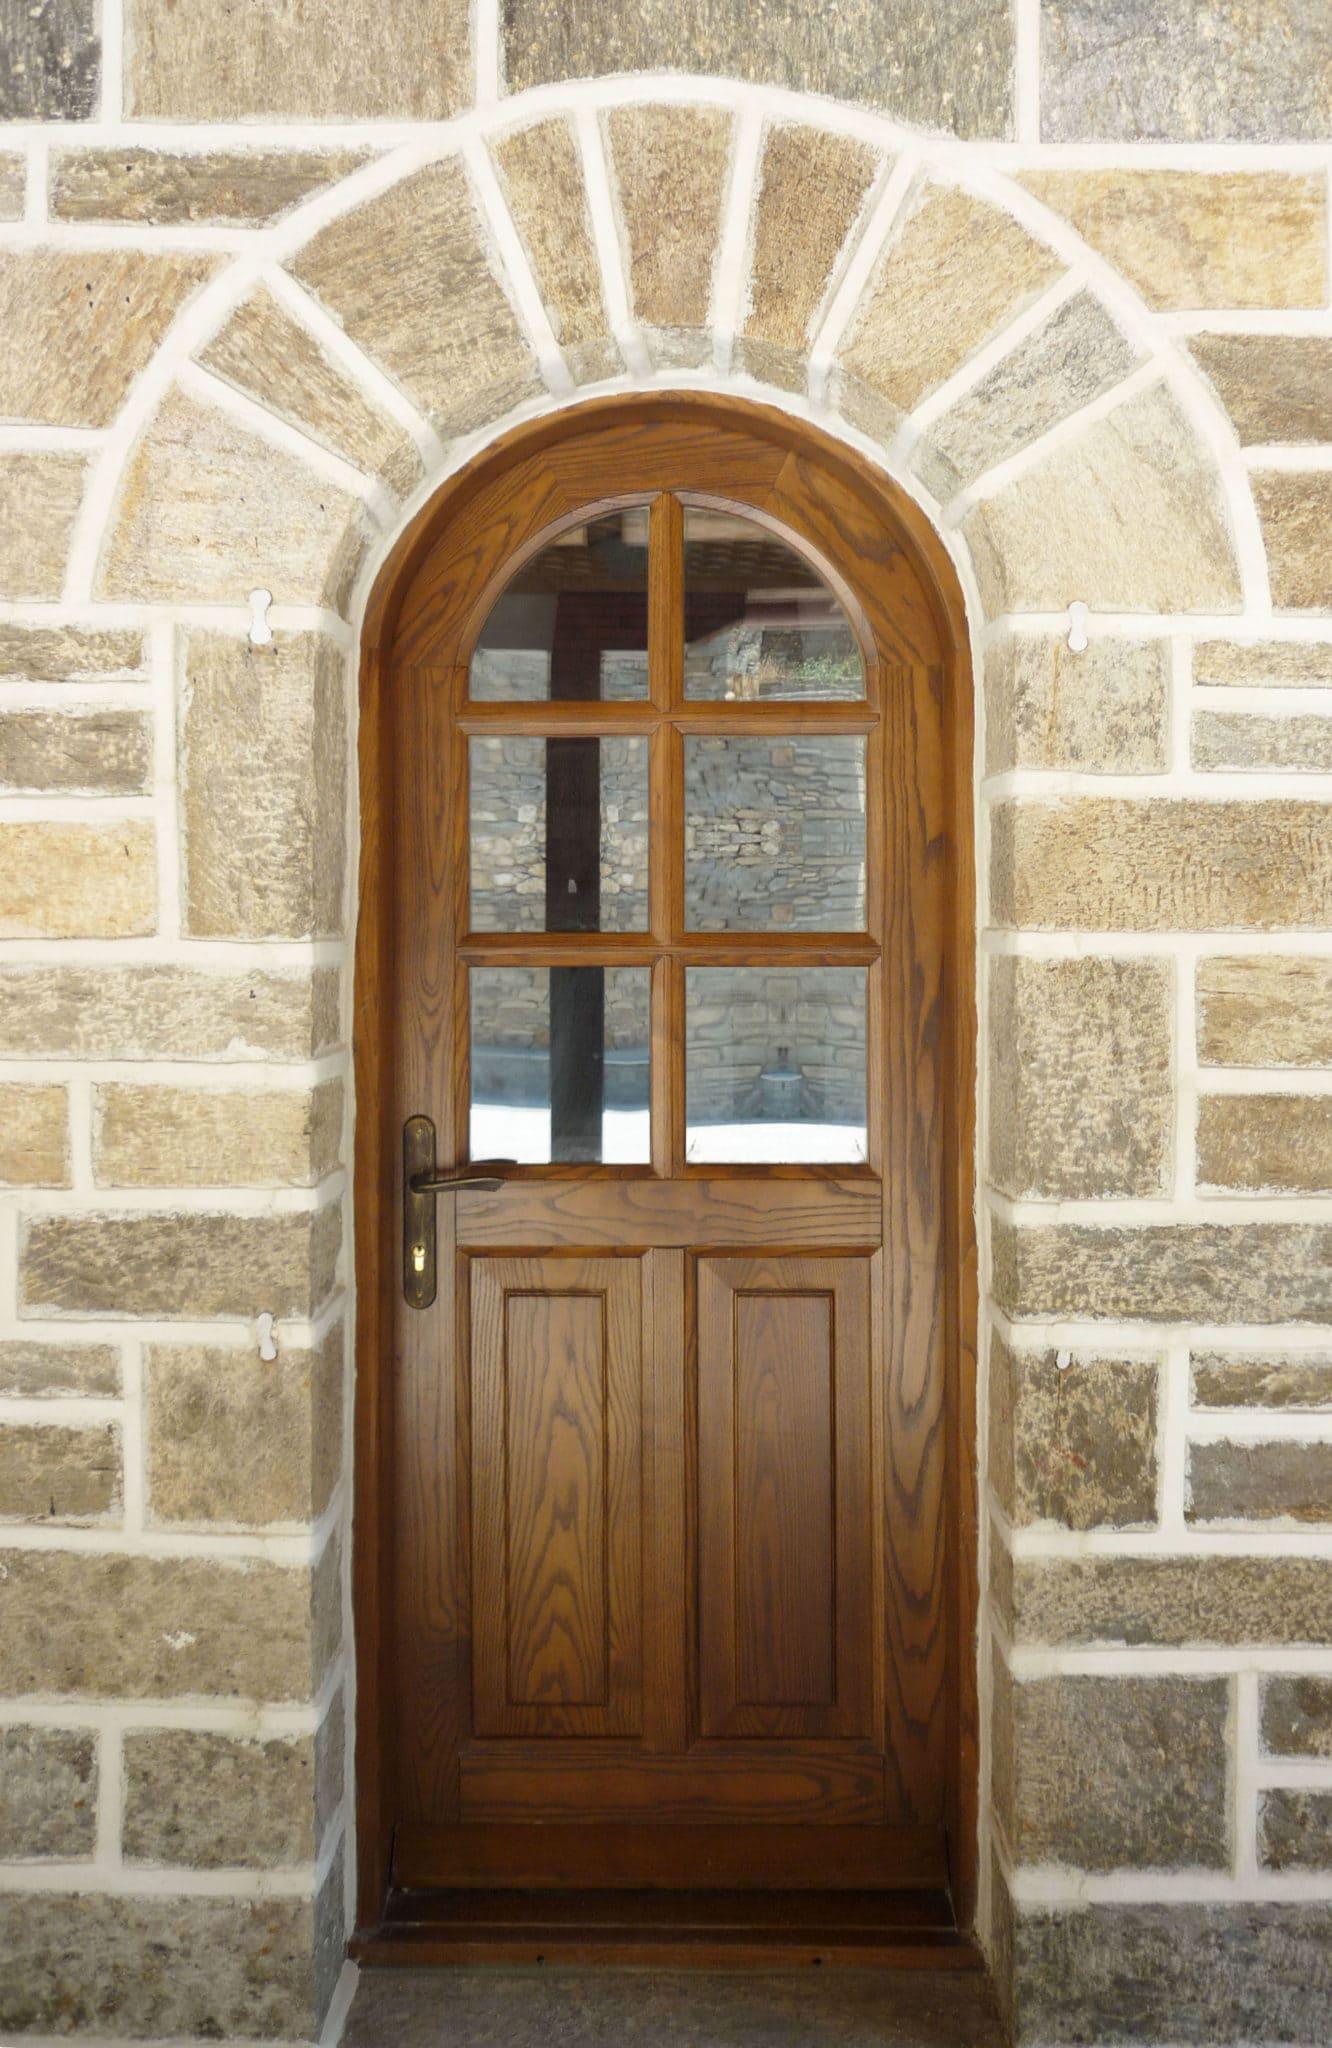 εξωτερική πόρτα με έξι υαλοπίνακες και δύο ταμπλάδες